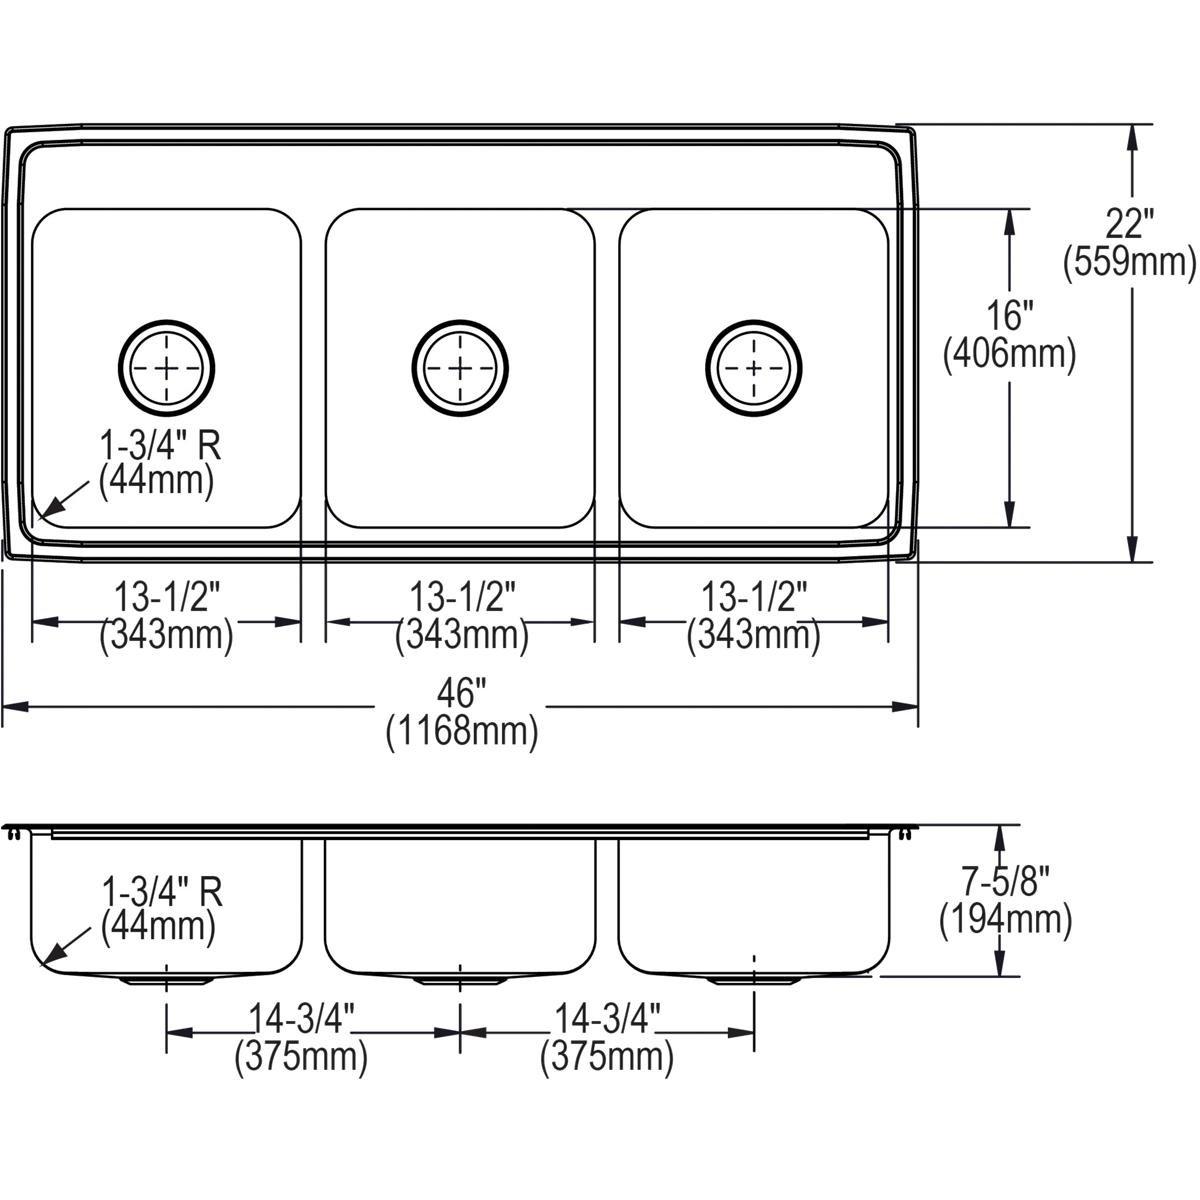 Elkay Lustertone LTR46226 Triple Bowl Top Mount Stainless Steel Kitchen Sink by Elkay (Image #7)